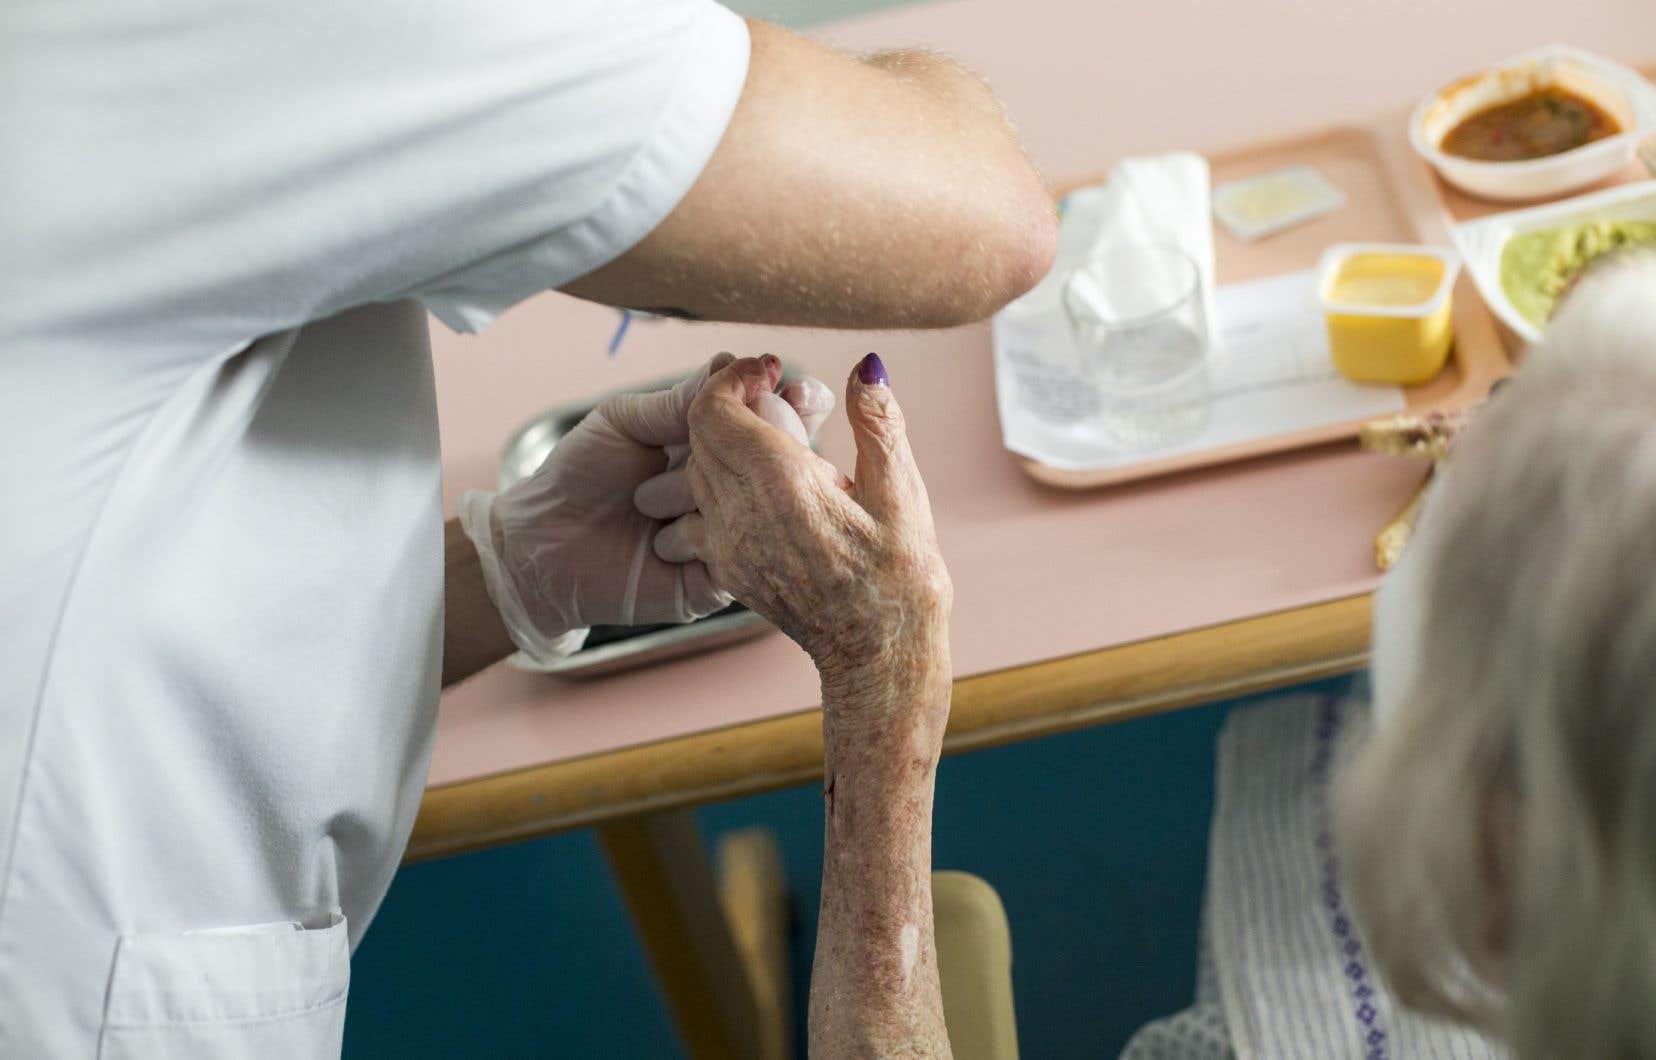 Plusieurs personnes qualifiées ne peuvent travailler dans le réseau de la santé en raison de démarches complexes pour obtenir un permis de travail.